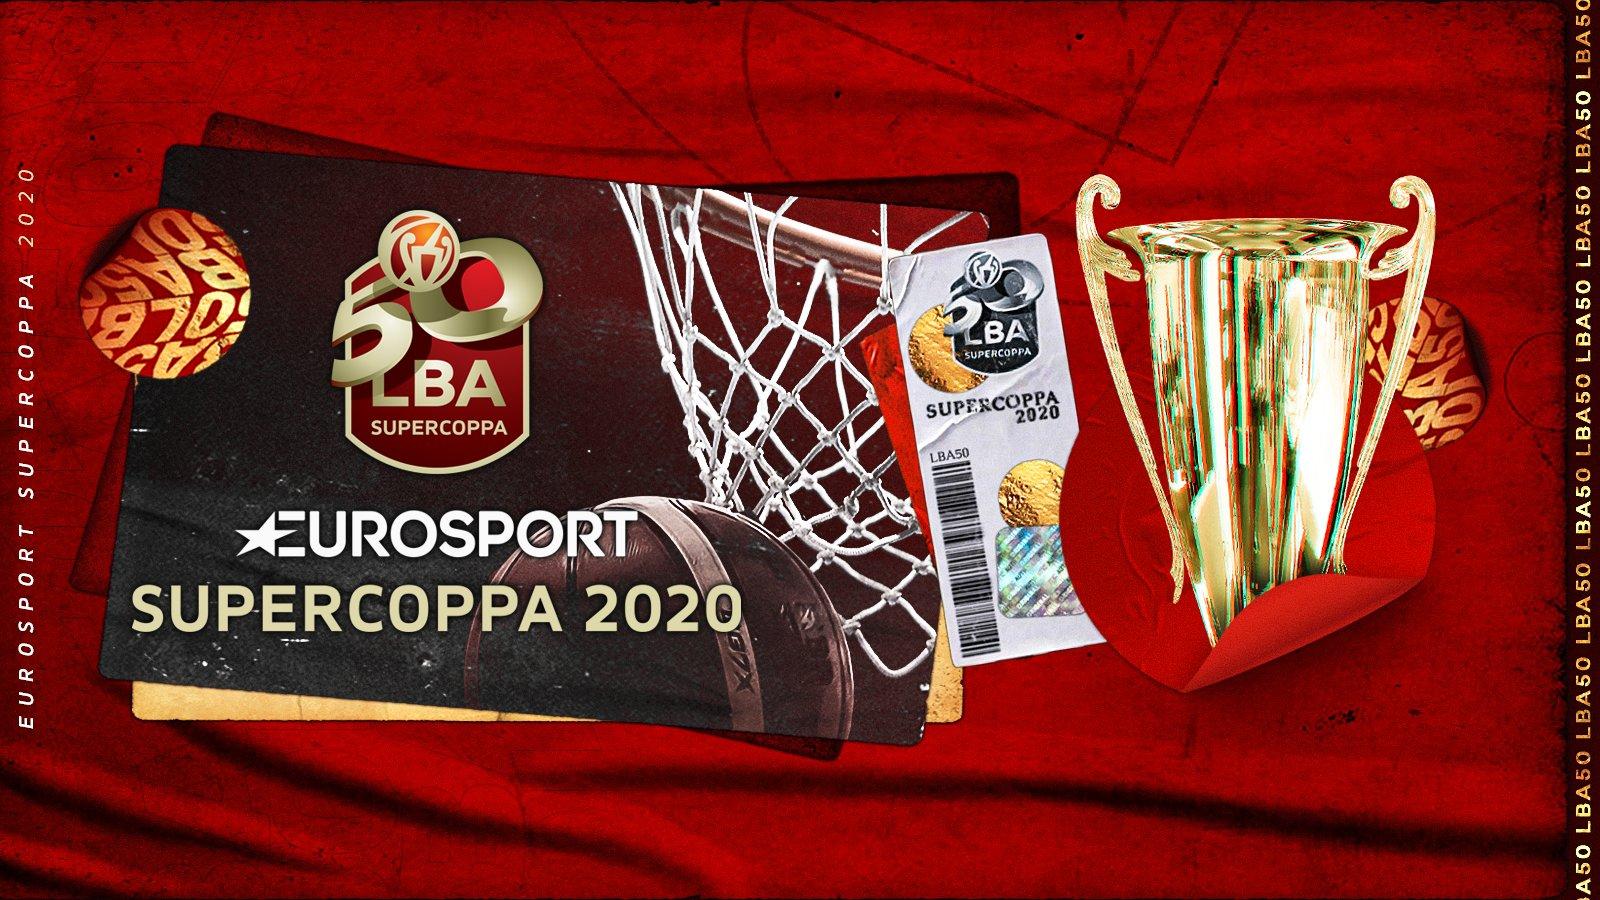 Partnership Discovery/Eurosport e LBA: finale SuperCoppa in chiaro sul NOVE